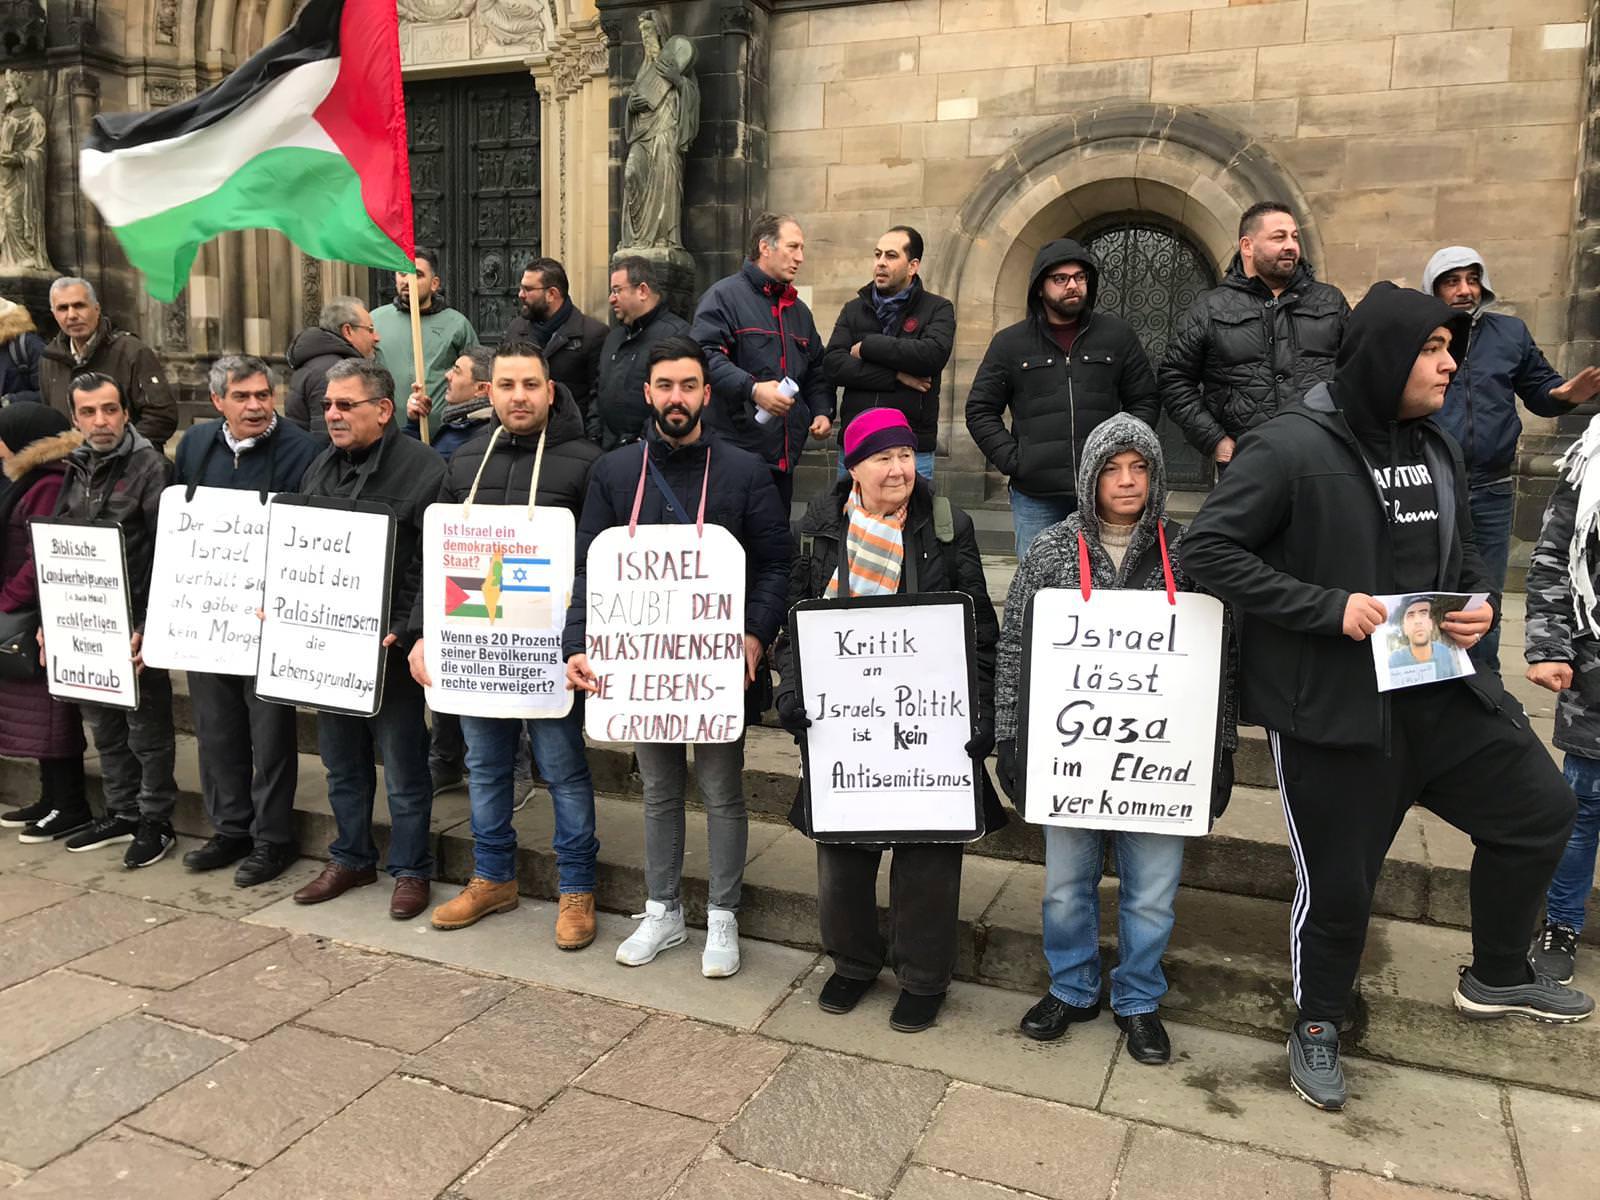 الجالية الفلسطينية وقوى يساريه المانيه تتضامن مع الاسرى في مدينة بريمن